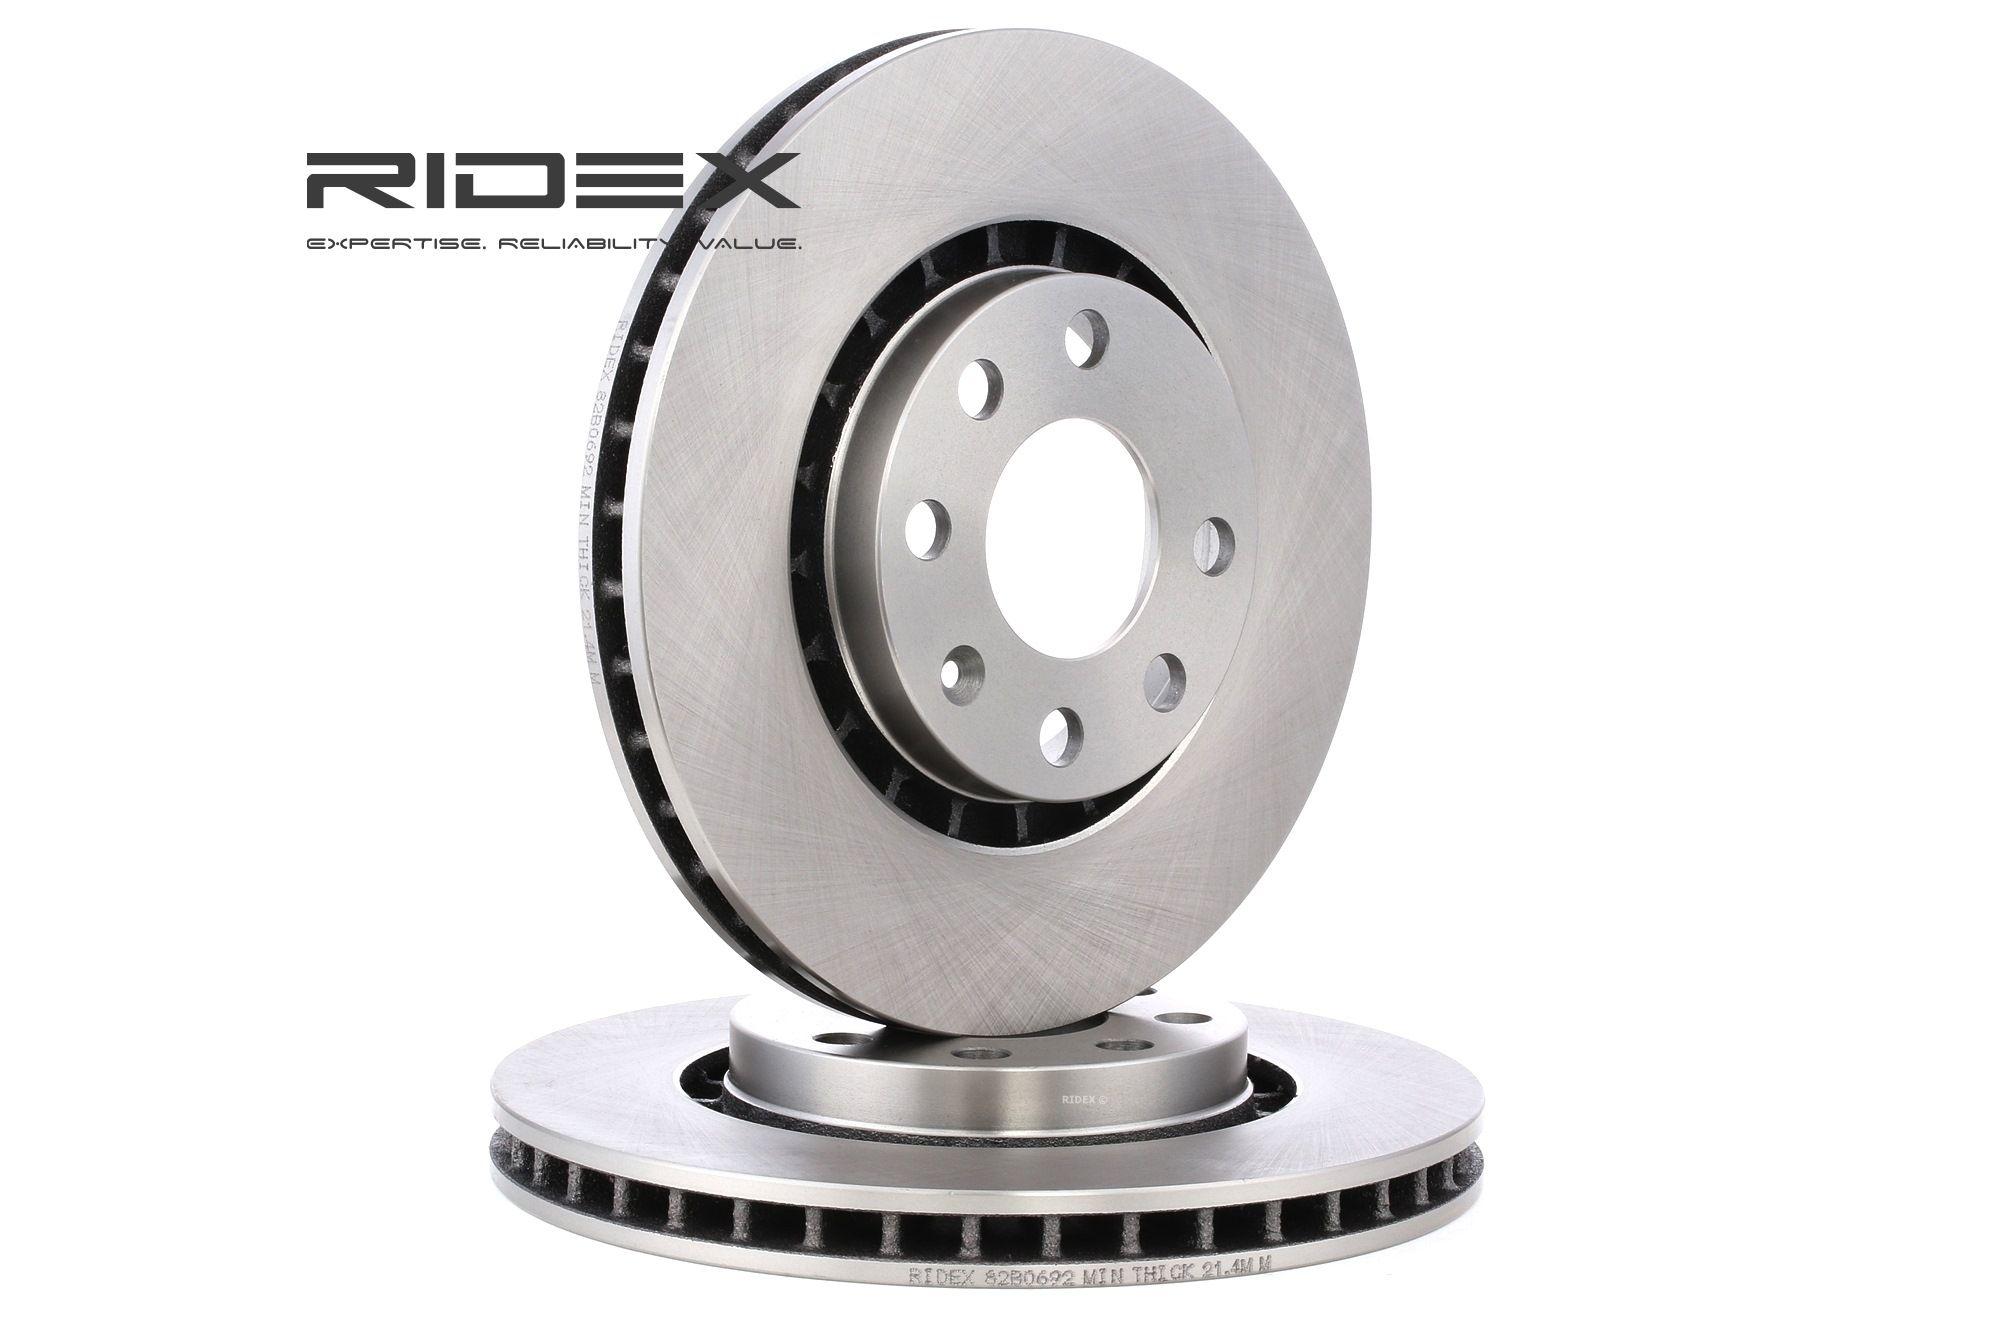 Bremsscheibe OPEL Astra F Classic CC (T92) hinten und vorne 2002 - RIDEX 82B0692 (Ø: 256,0mm, Bremsscheibendicke: 24mm)